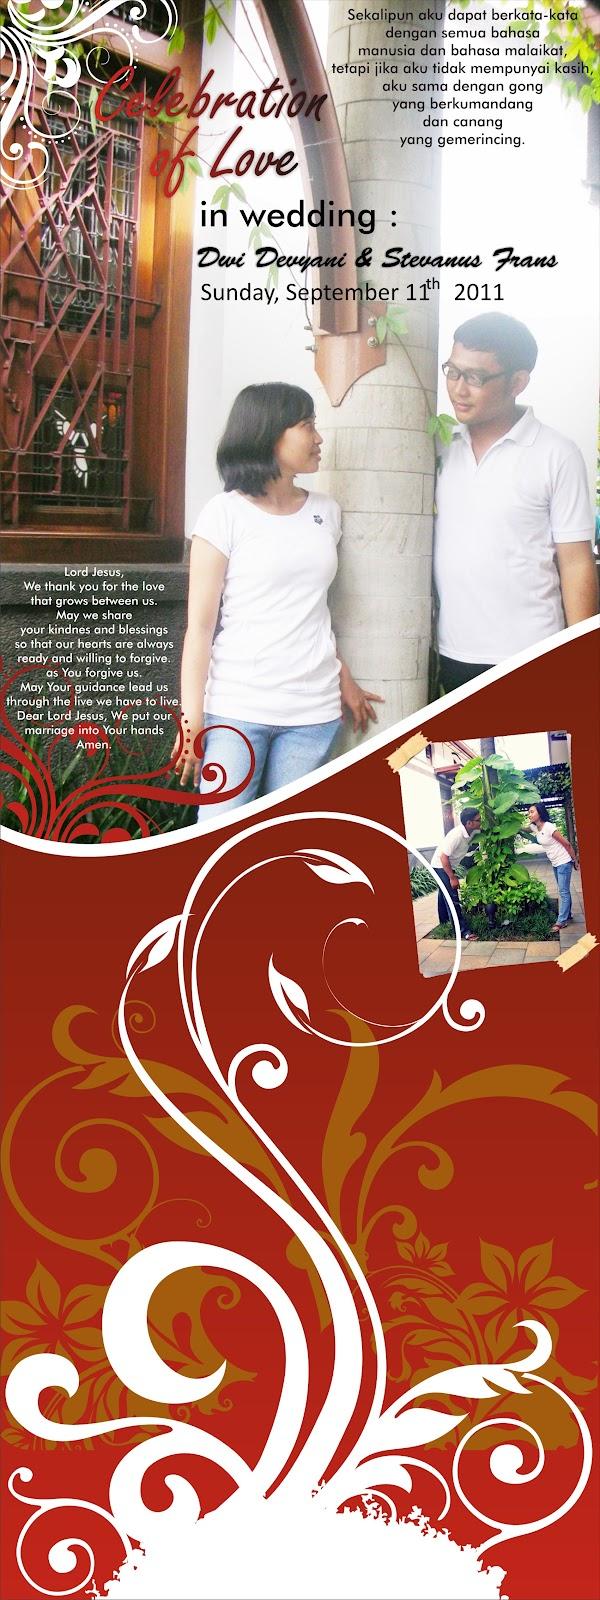 Design x banner pernikahan - Download File Corel Draw Desain Banner Pernikahan